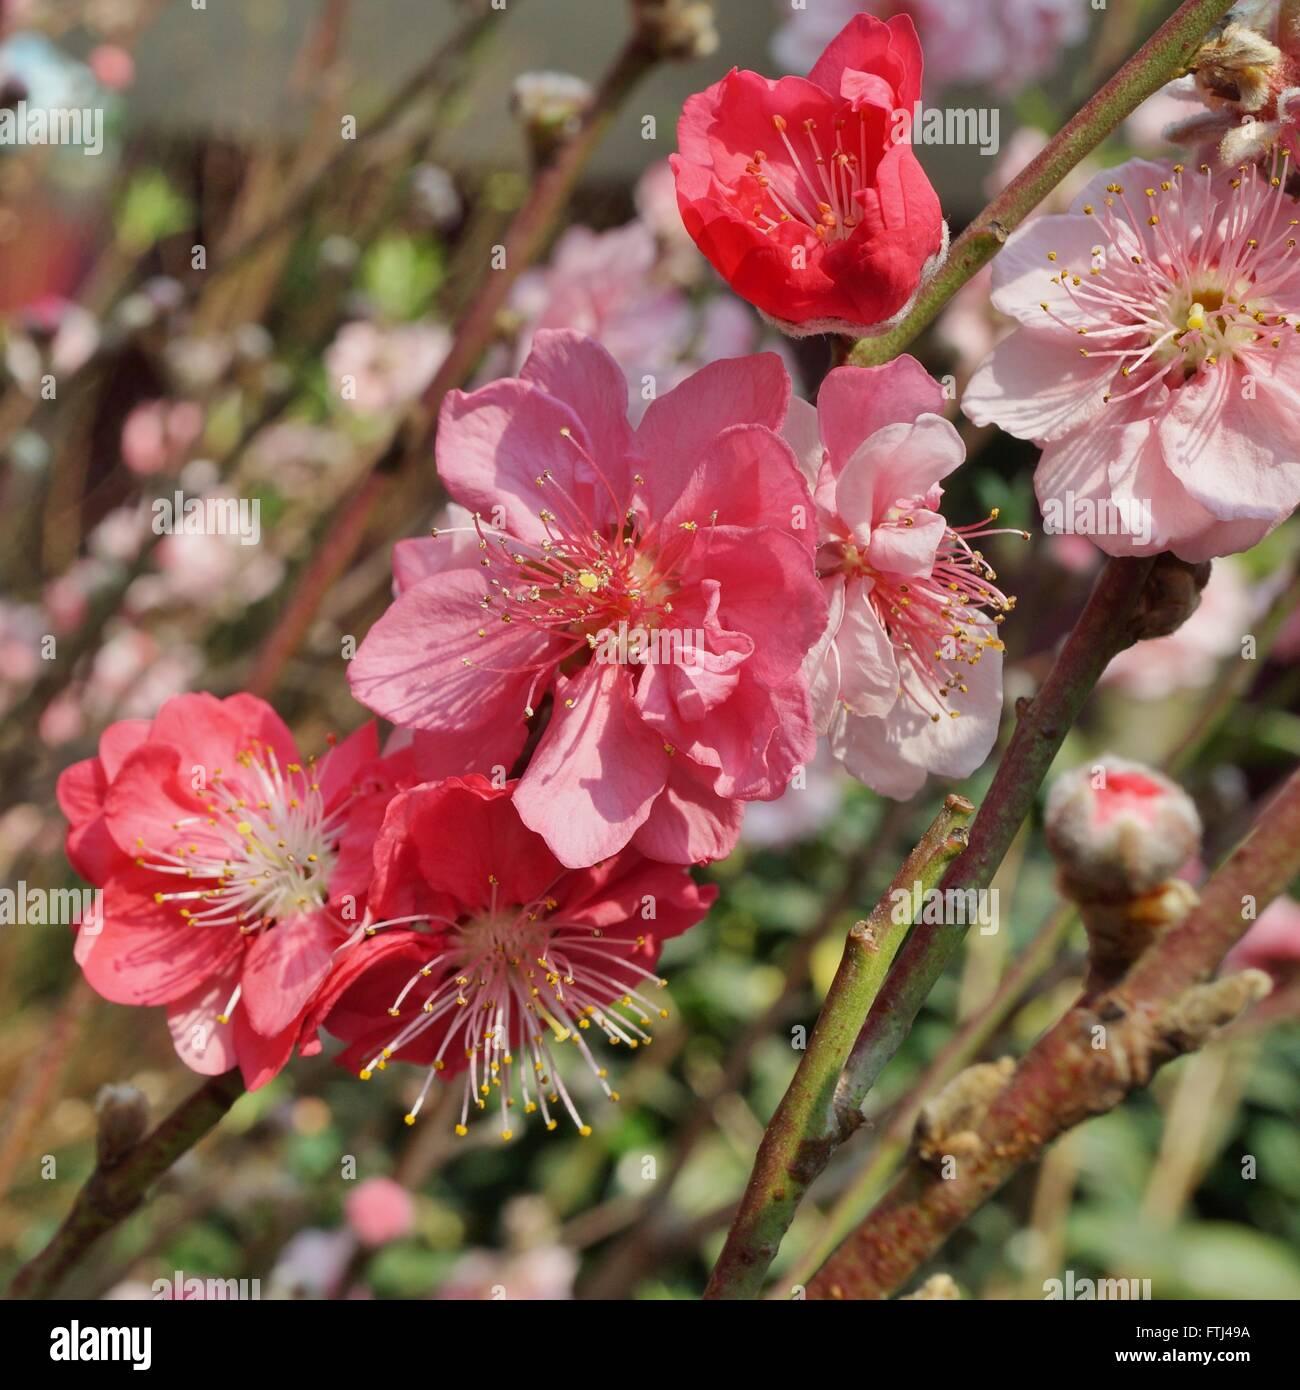 Rosa Blume blüht der japanischen Ume Aprikose Baum, Prunus mume Stockbild